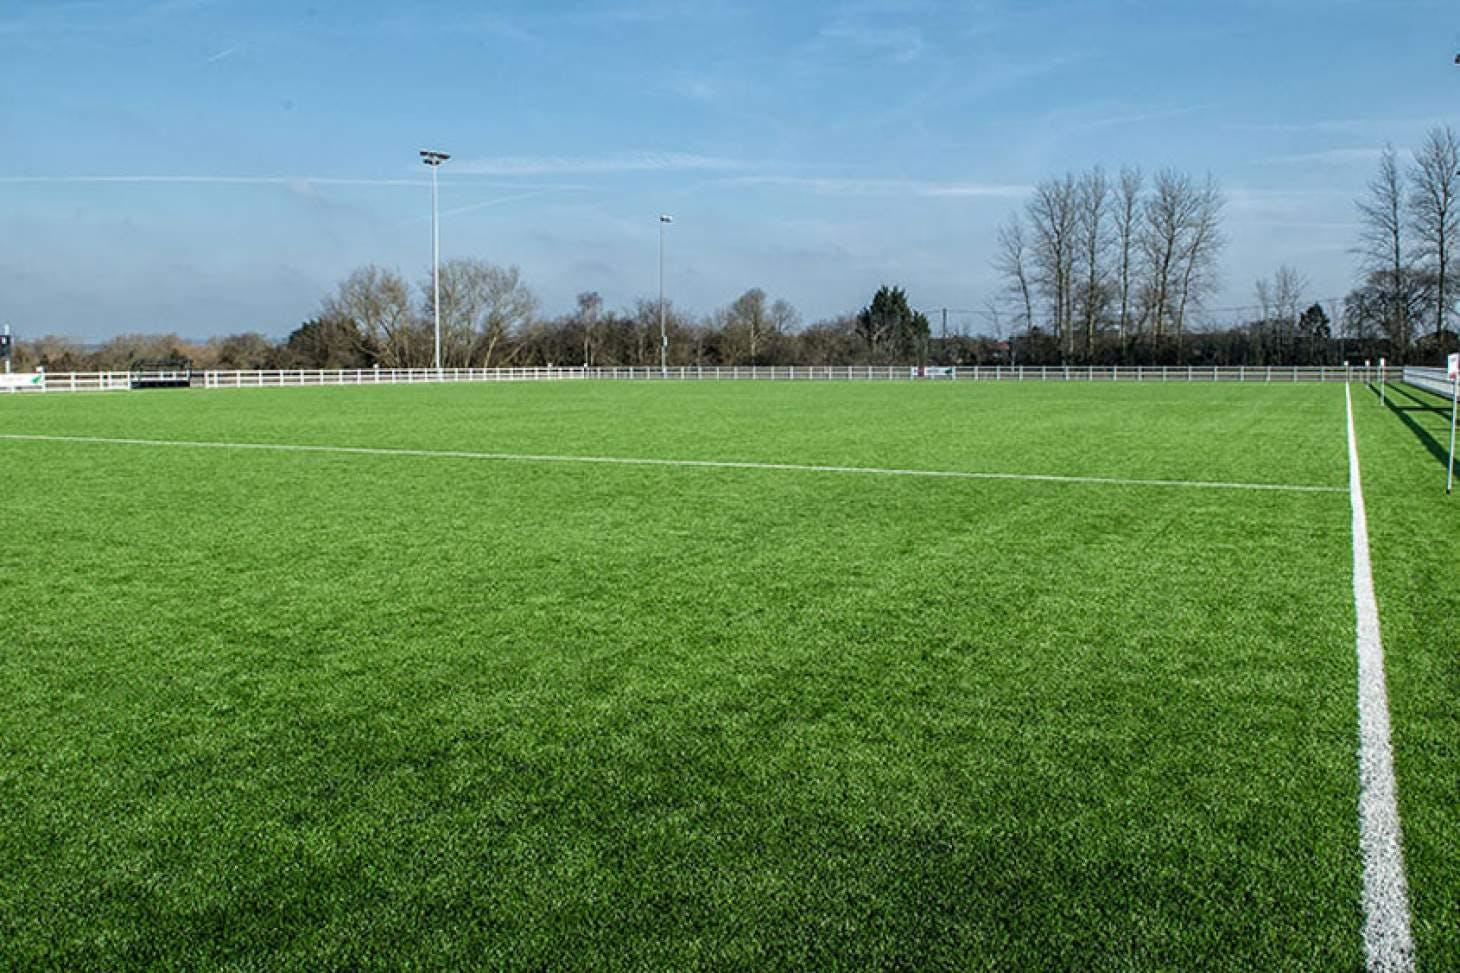 PlayFootball Yarnbury 8 a side | 3G Astroturf football pitch